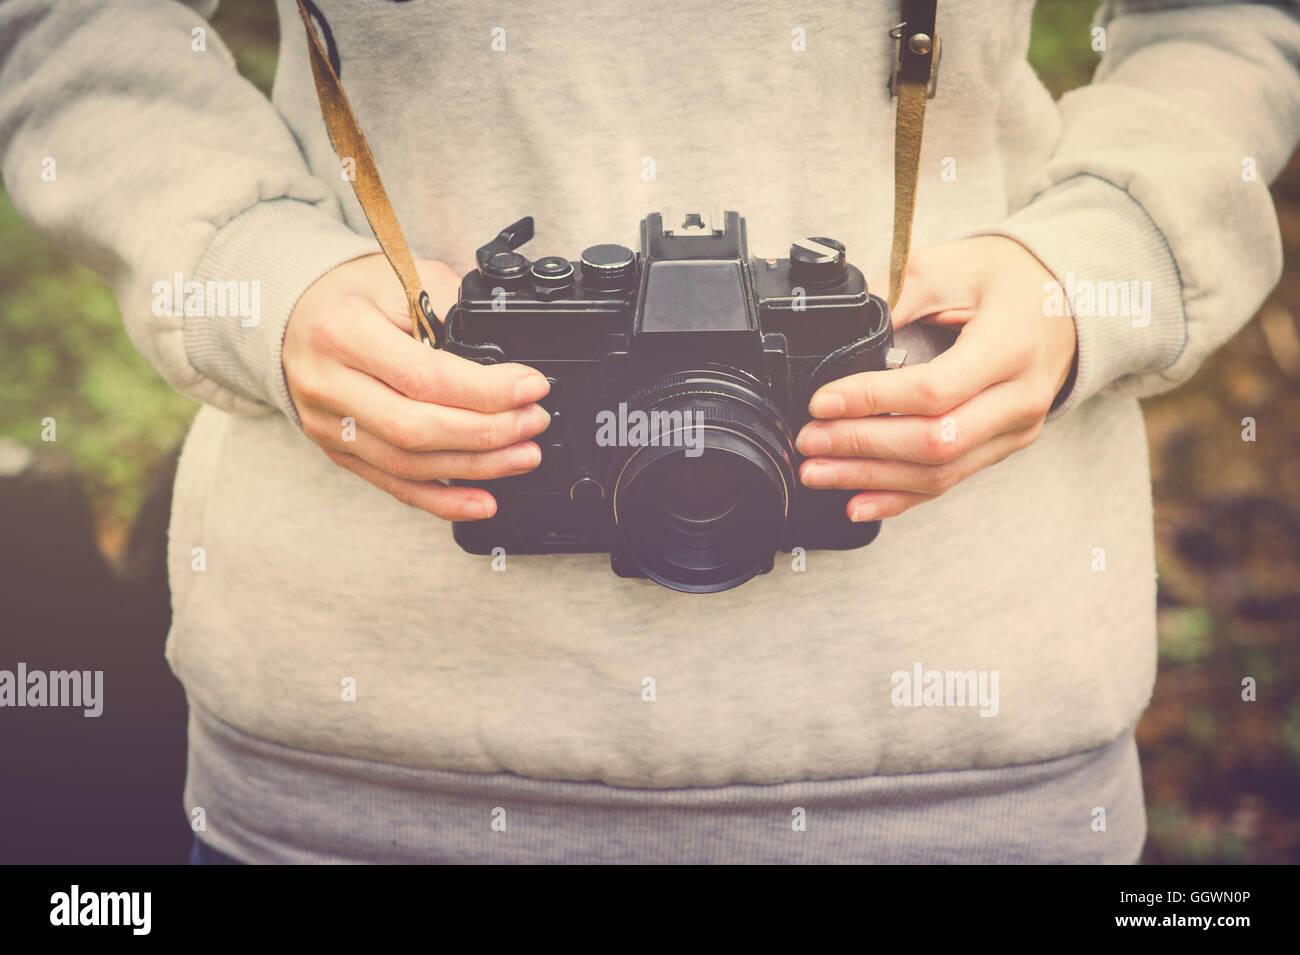 Mujer manos sosteniendo retro cámara fotográfica poca vida al aire libre Viajes hipster concepto retro Imagen De Stock